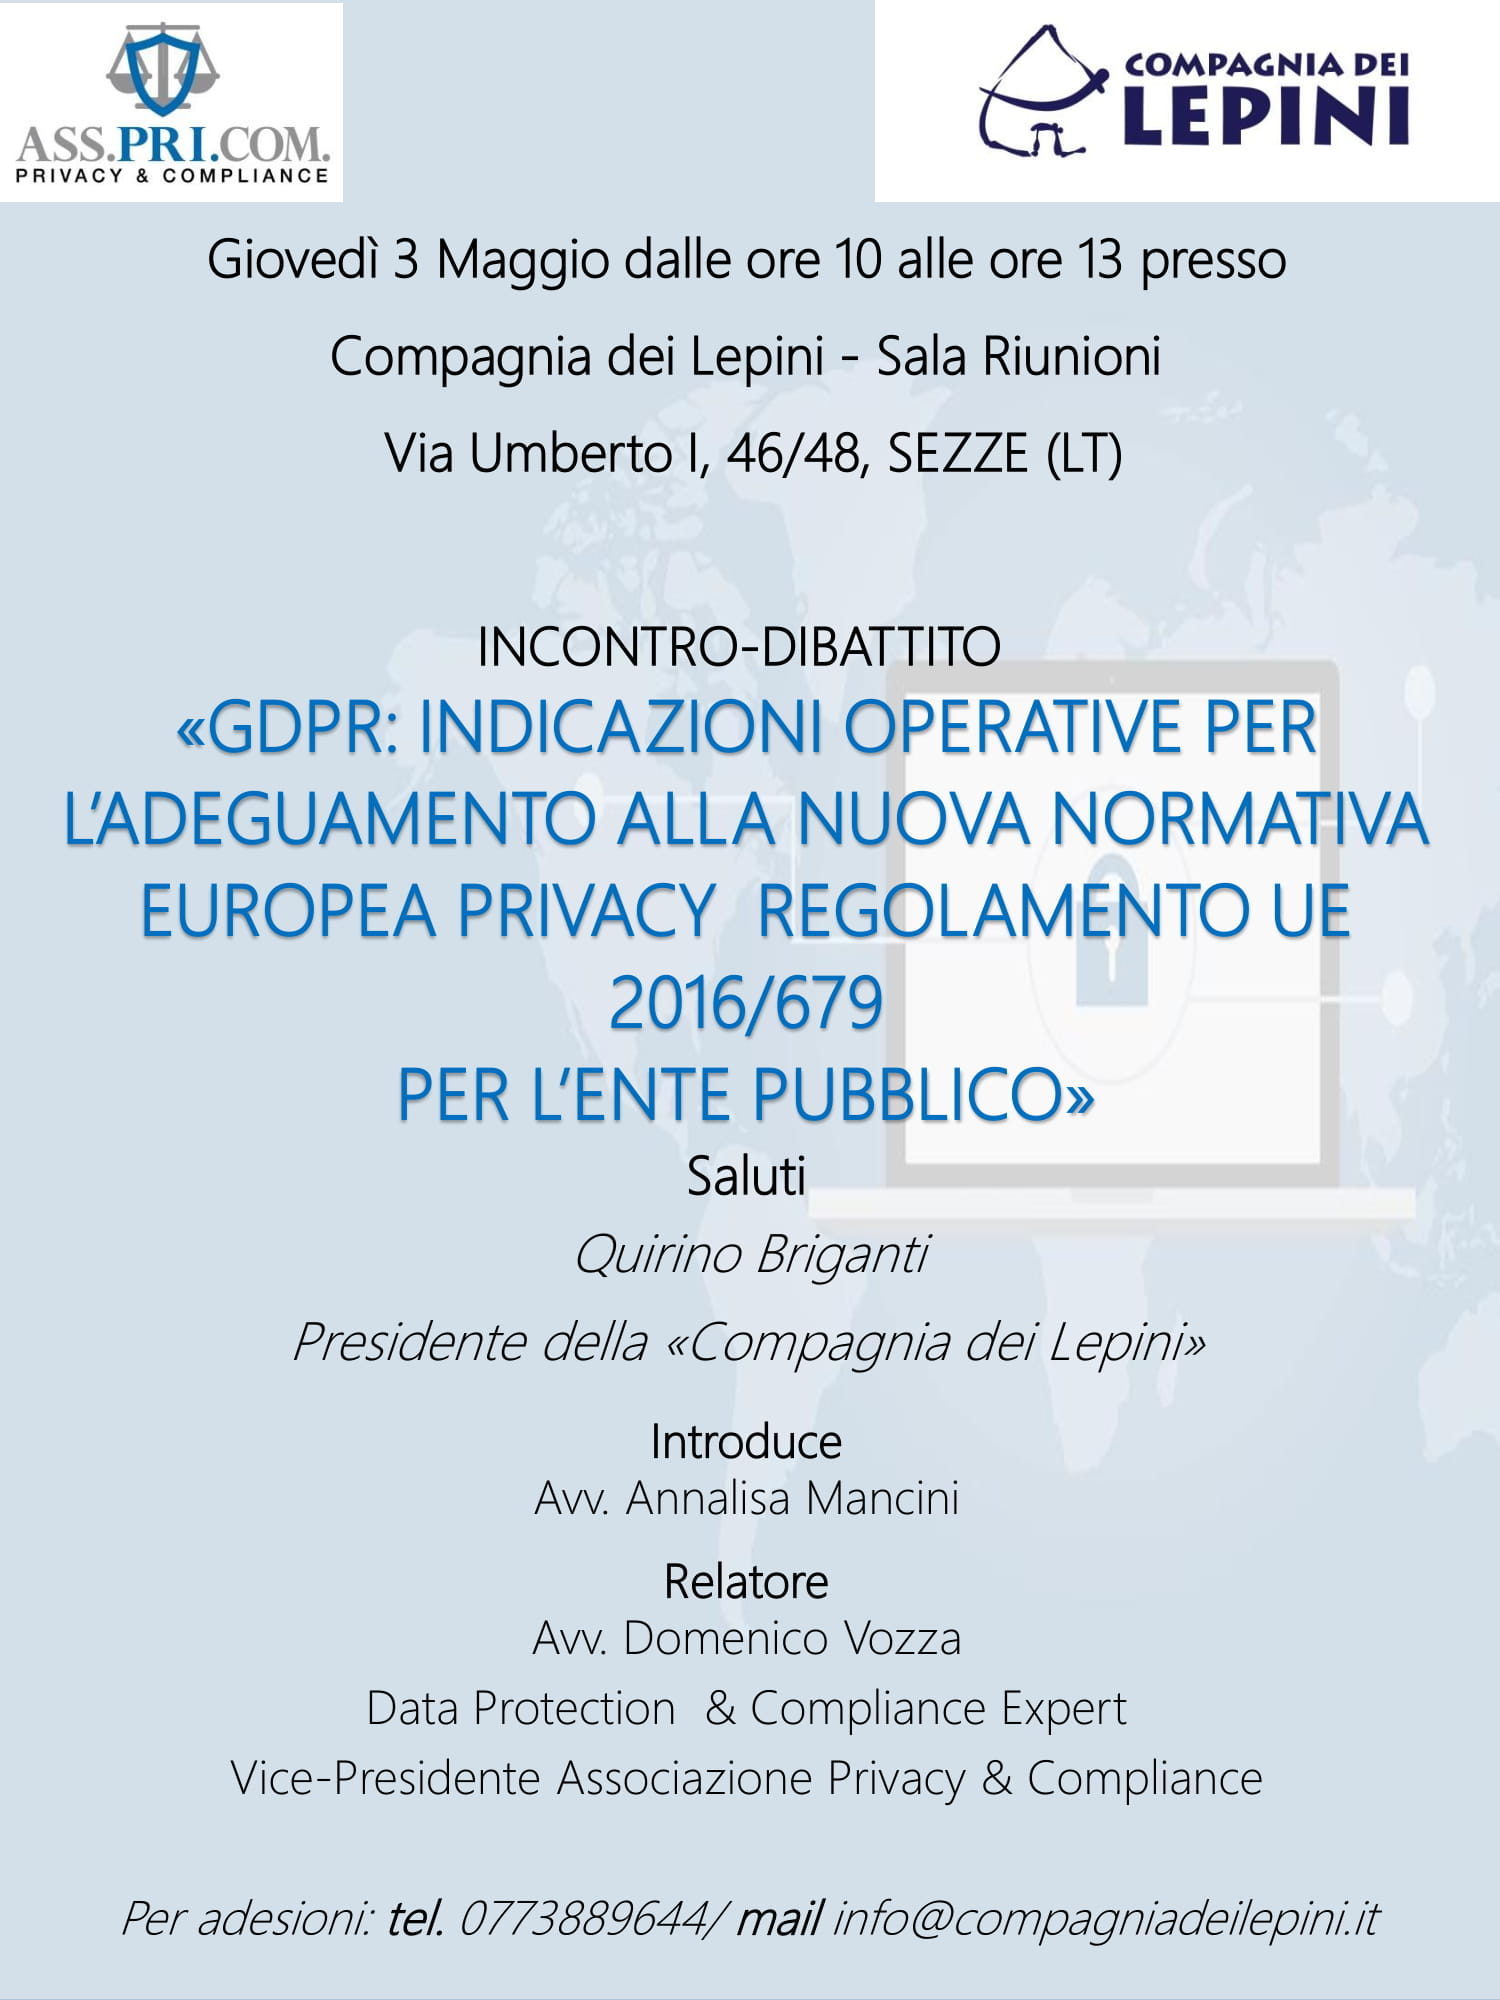 Incontro-Dibattito Compagnia dei Lepini @ Compagnia dei Lepini | Sezze | Lazio | Italia